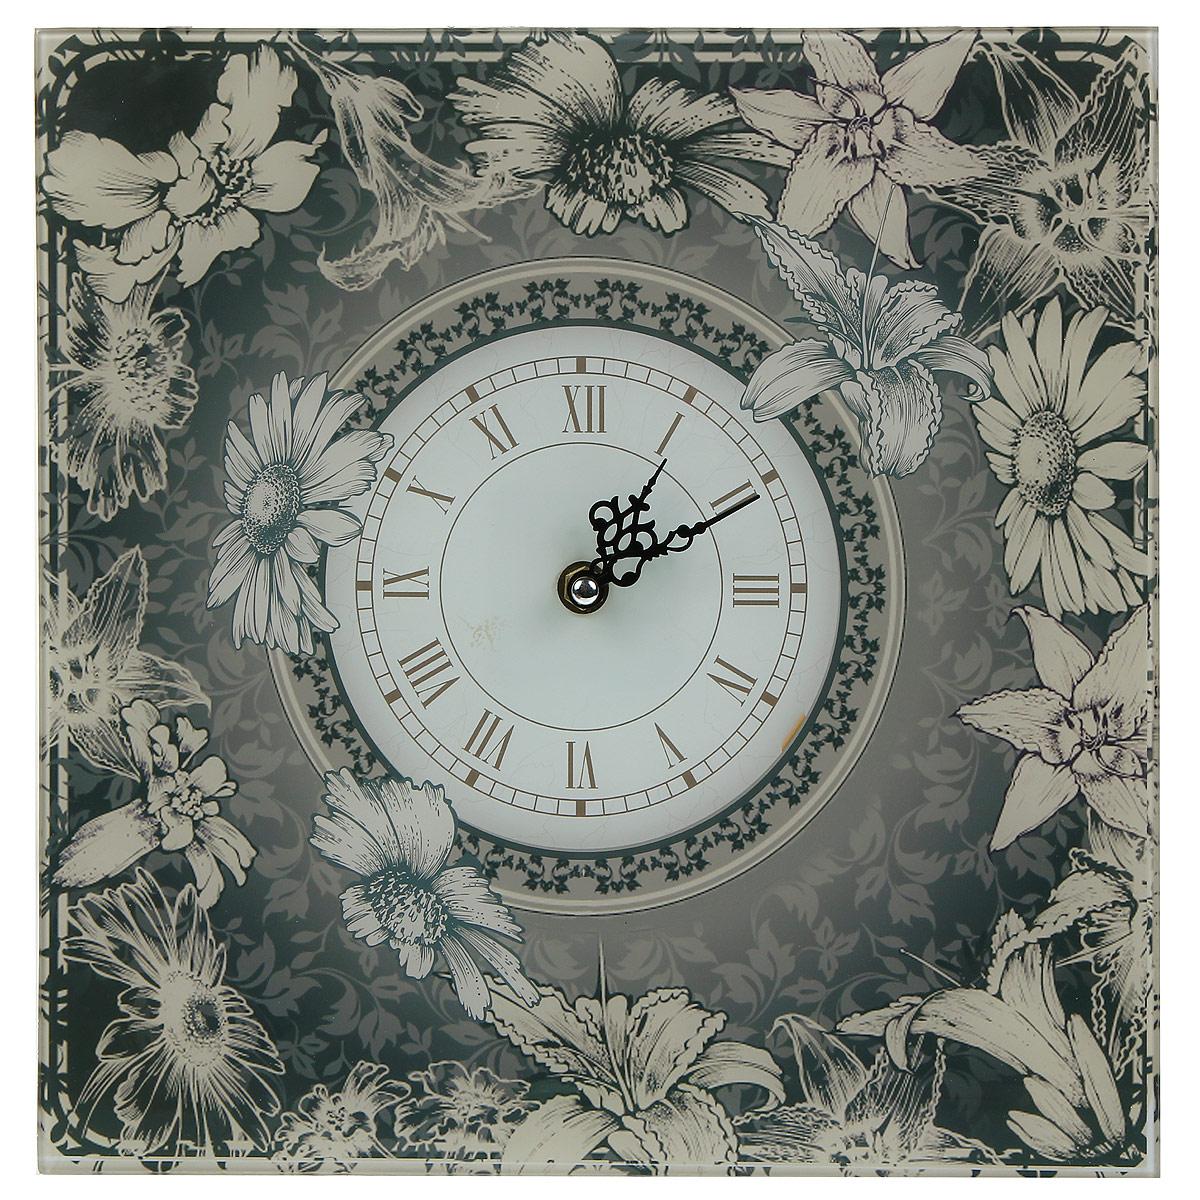 Часы настенные Цветочки. 2779827798Настенные часы квадратной формы Цветочки своим эксклюзивным дизайном подчеркнут оригинальность интерьера вашего дома.Часы выполнены из выполнены из высококачественного стекла и оформлены оригинальным рисунком.Часы имеют две фигурные стрелки - часовую и минутную. Циферблат часов не защищен стеклом. Настенные часы Цветочки подходят для кухни, гостиной, прихожей или дачи, а также могут стать отличным подарком для друзей и близких. Часы работают от одной батарейки типа АА (не входят в комплект).